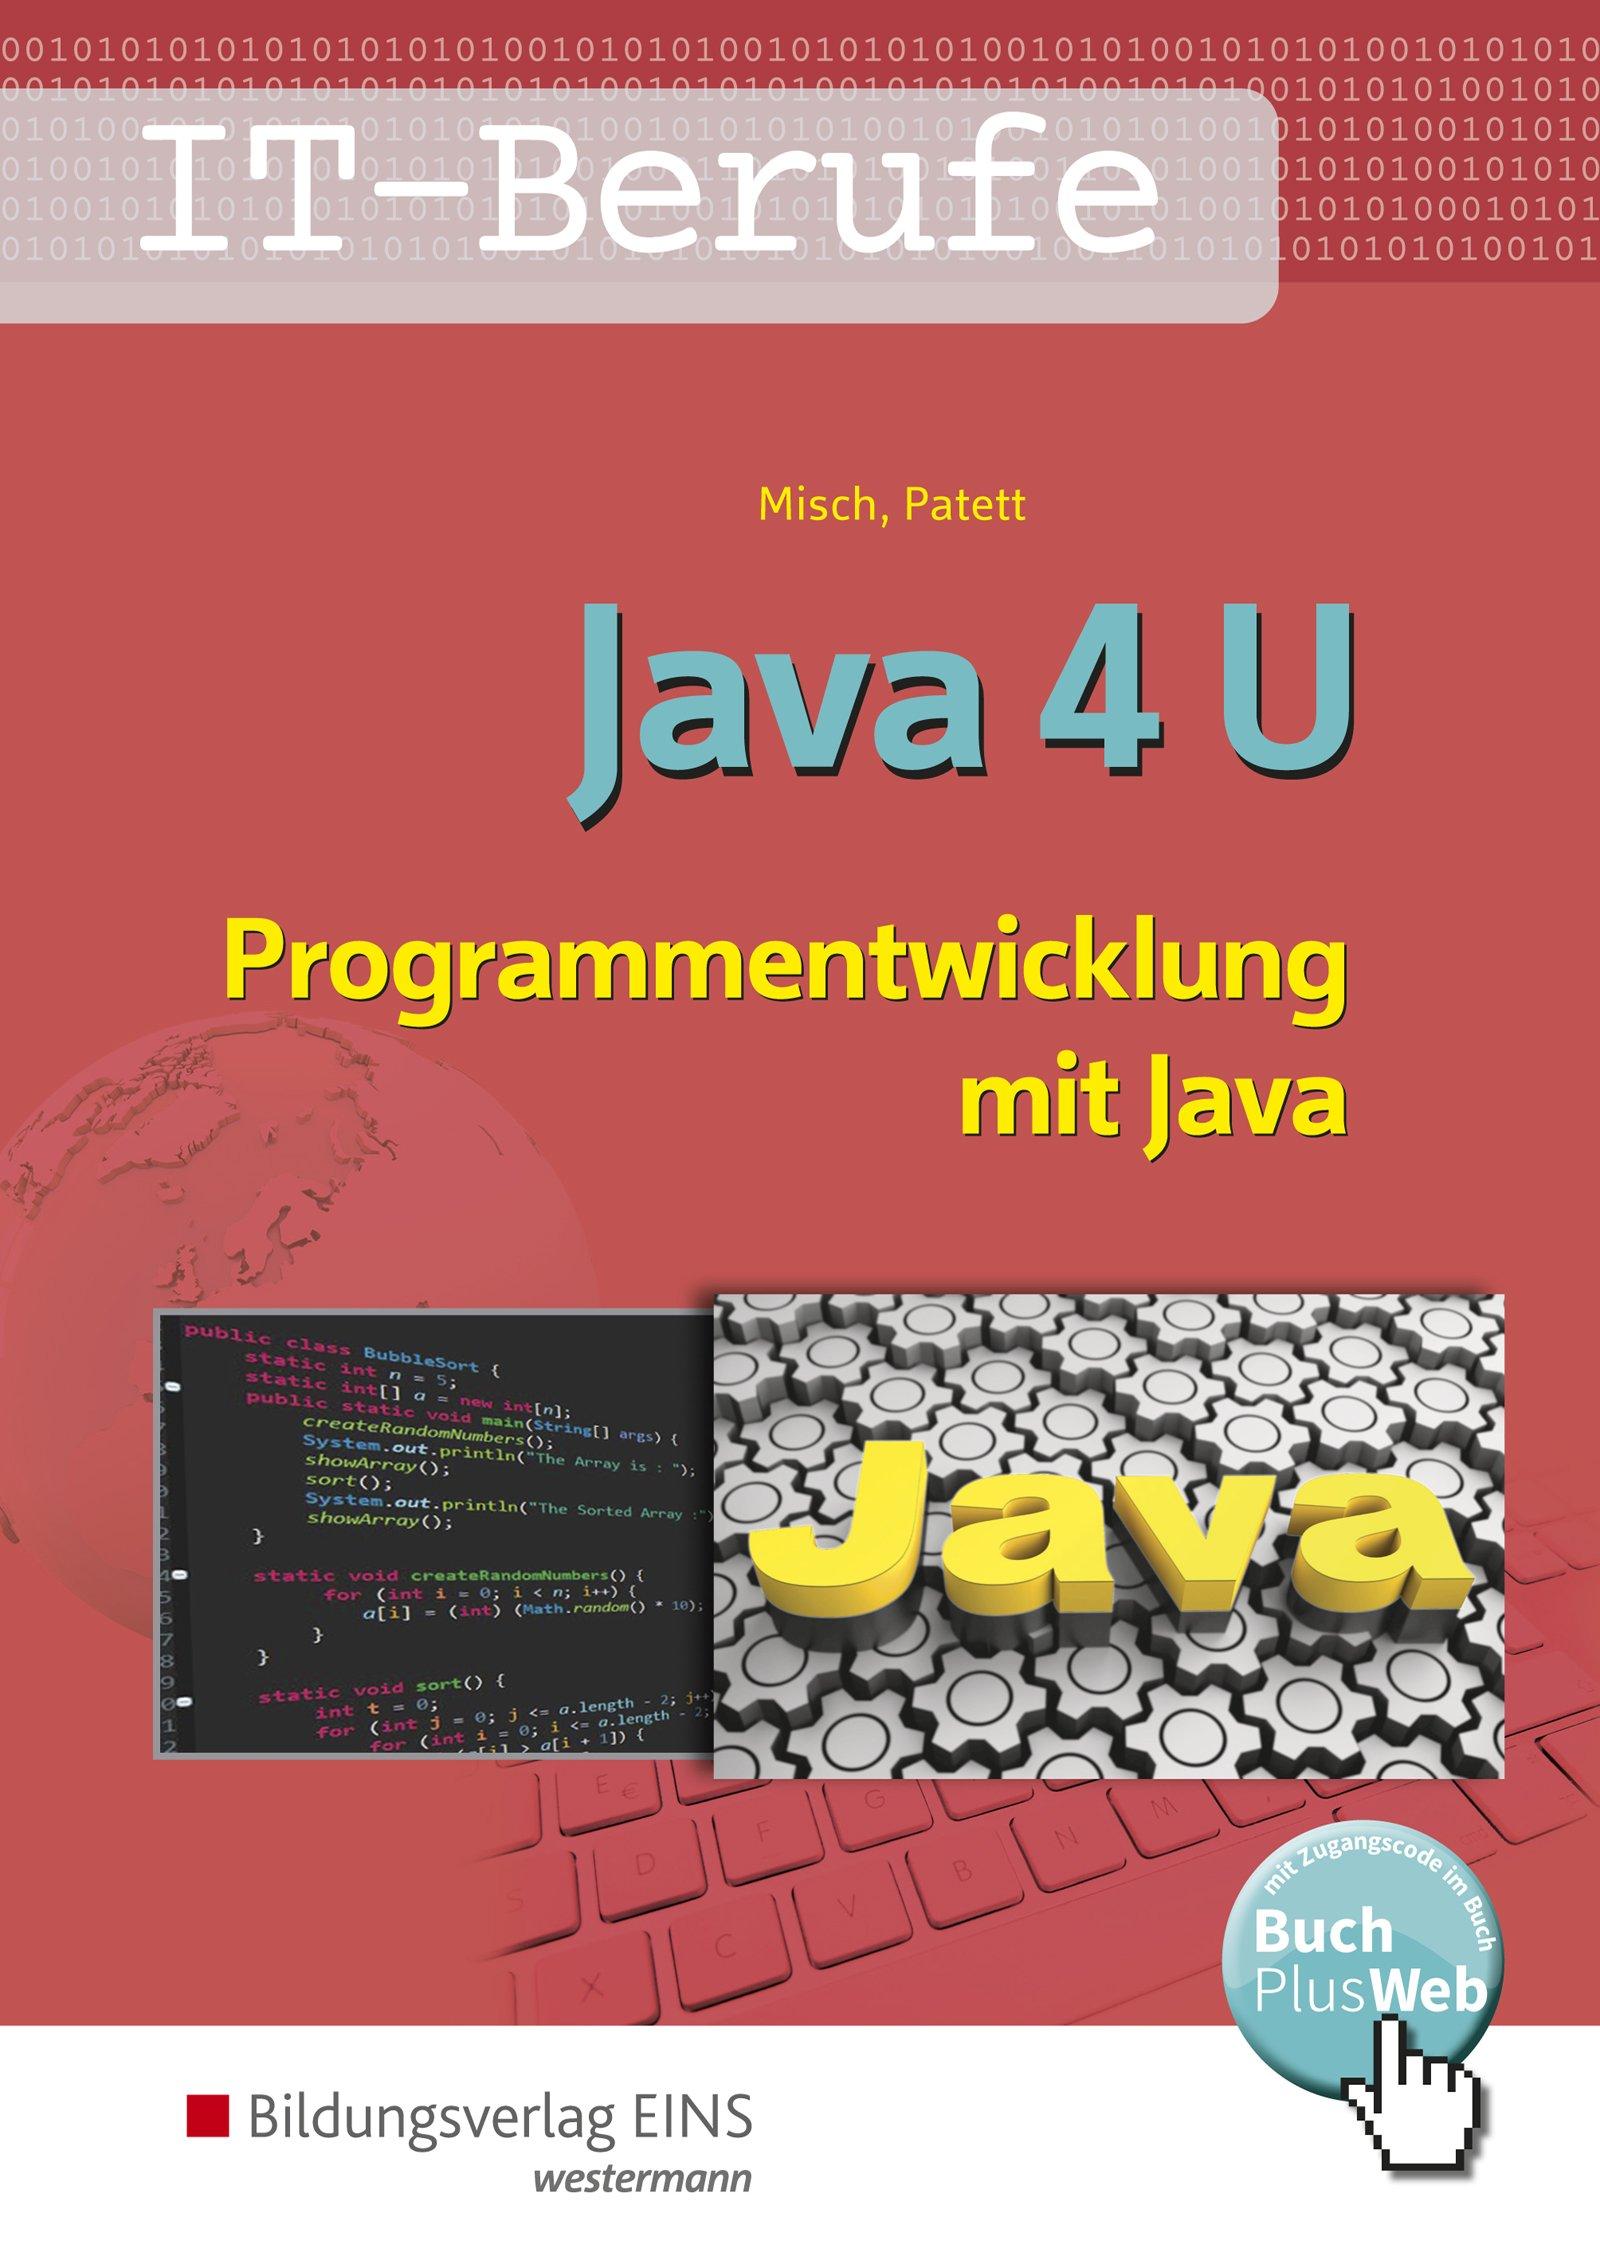 IT-Berufe: Java 4 U - Programmentwicklung mit Java: Schülerband Taschenbuch – 1. September 2018 Jens-Peter Misch Ingo Patett Bildungsverlag EINS 3427011704